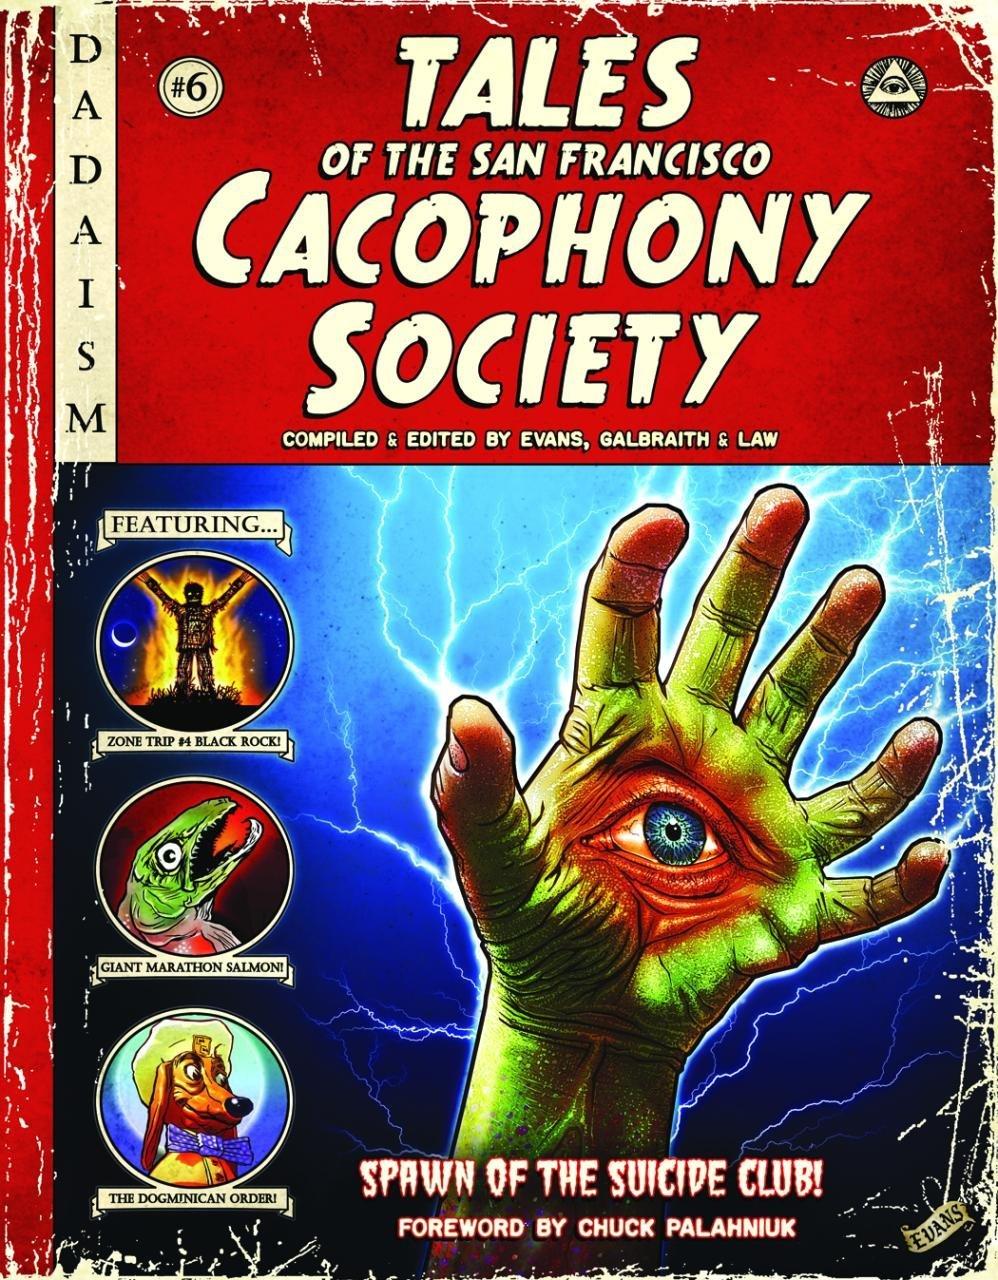 cacophony society